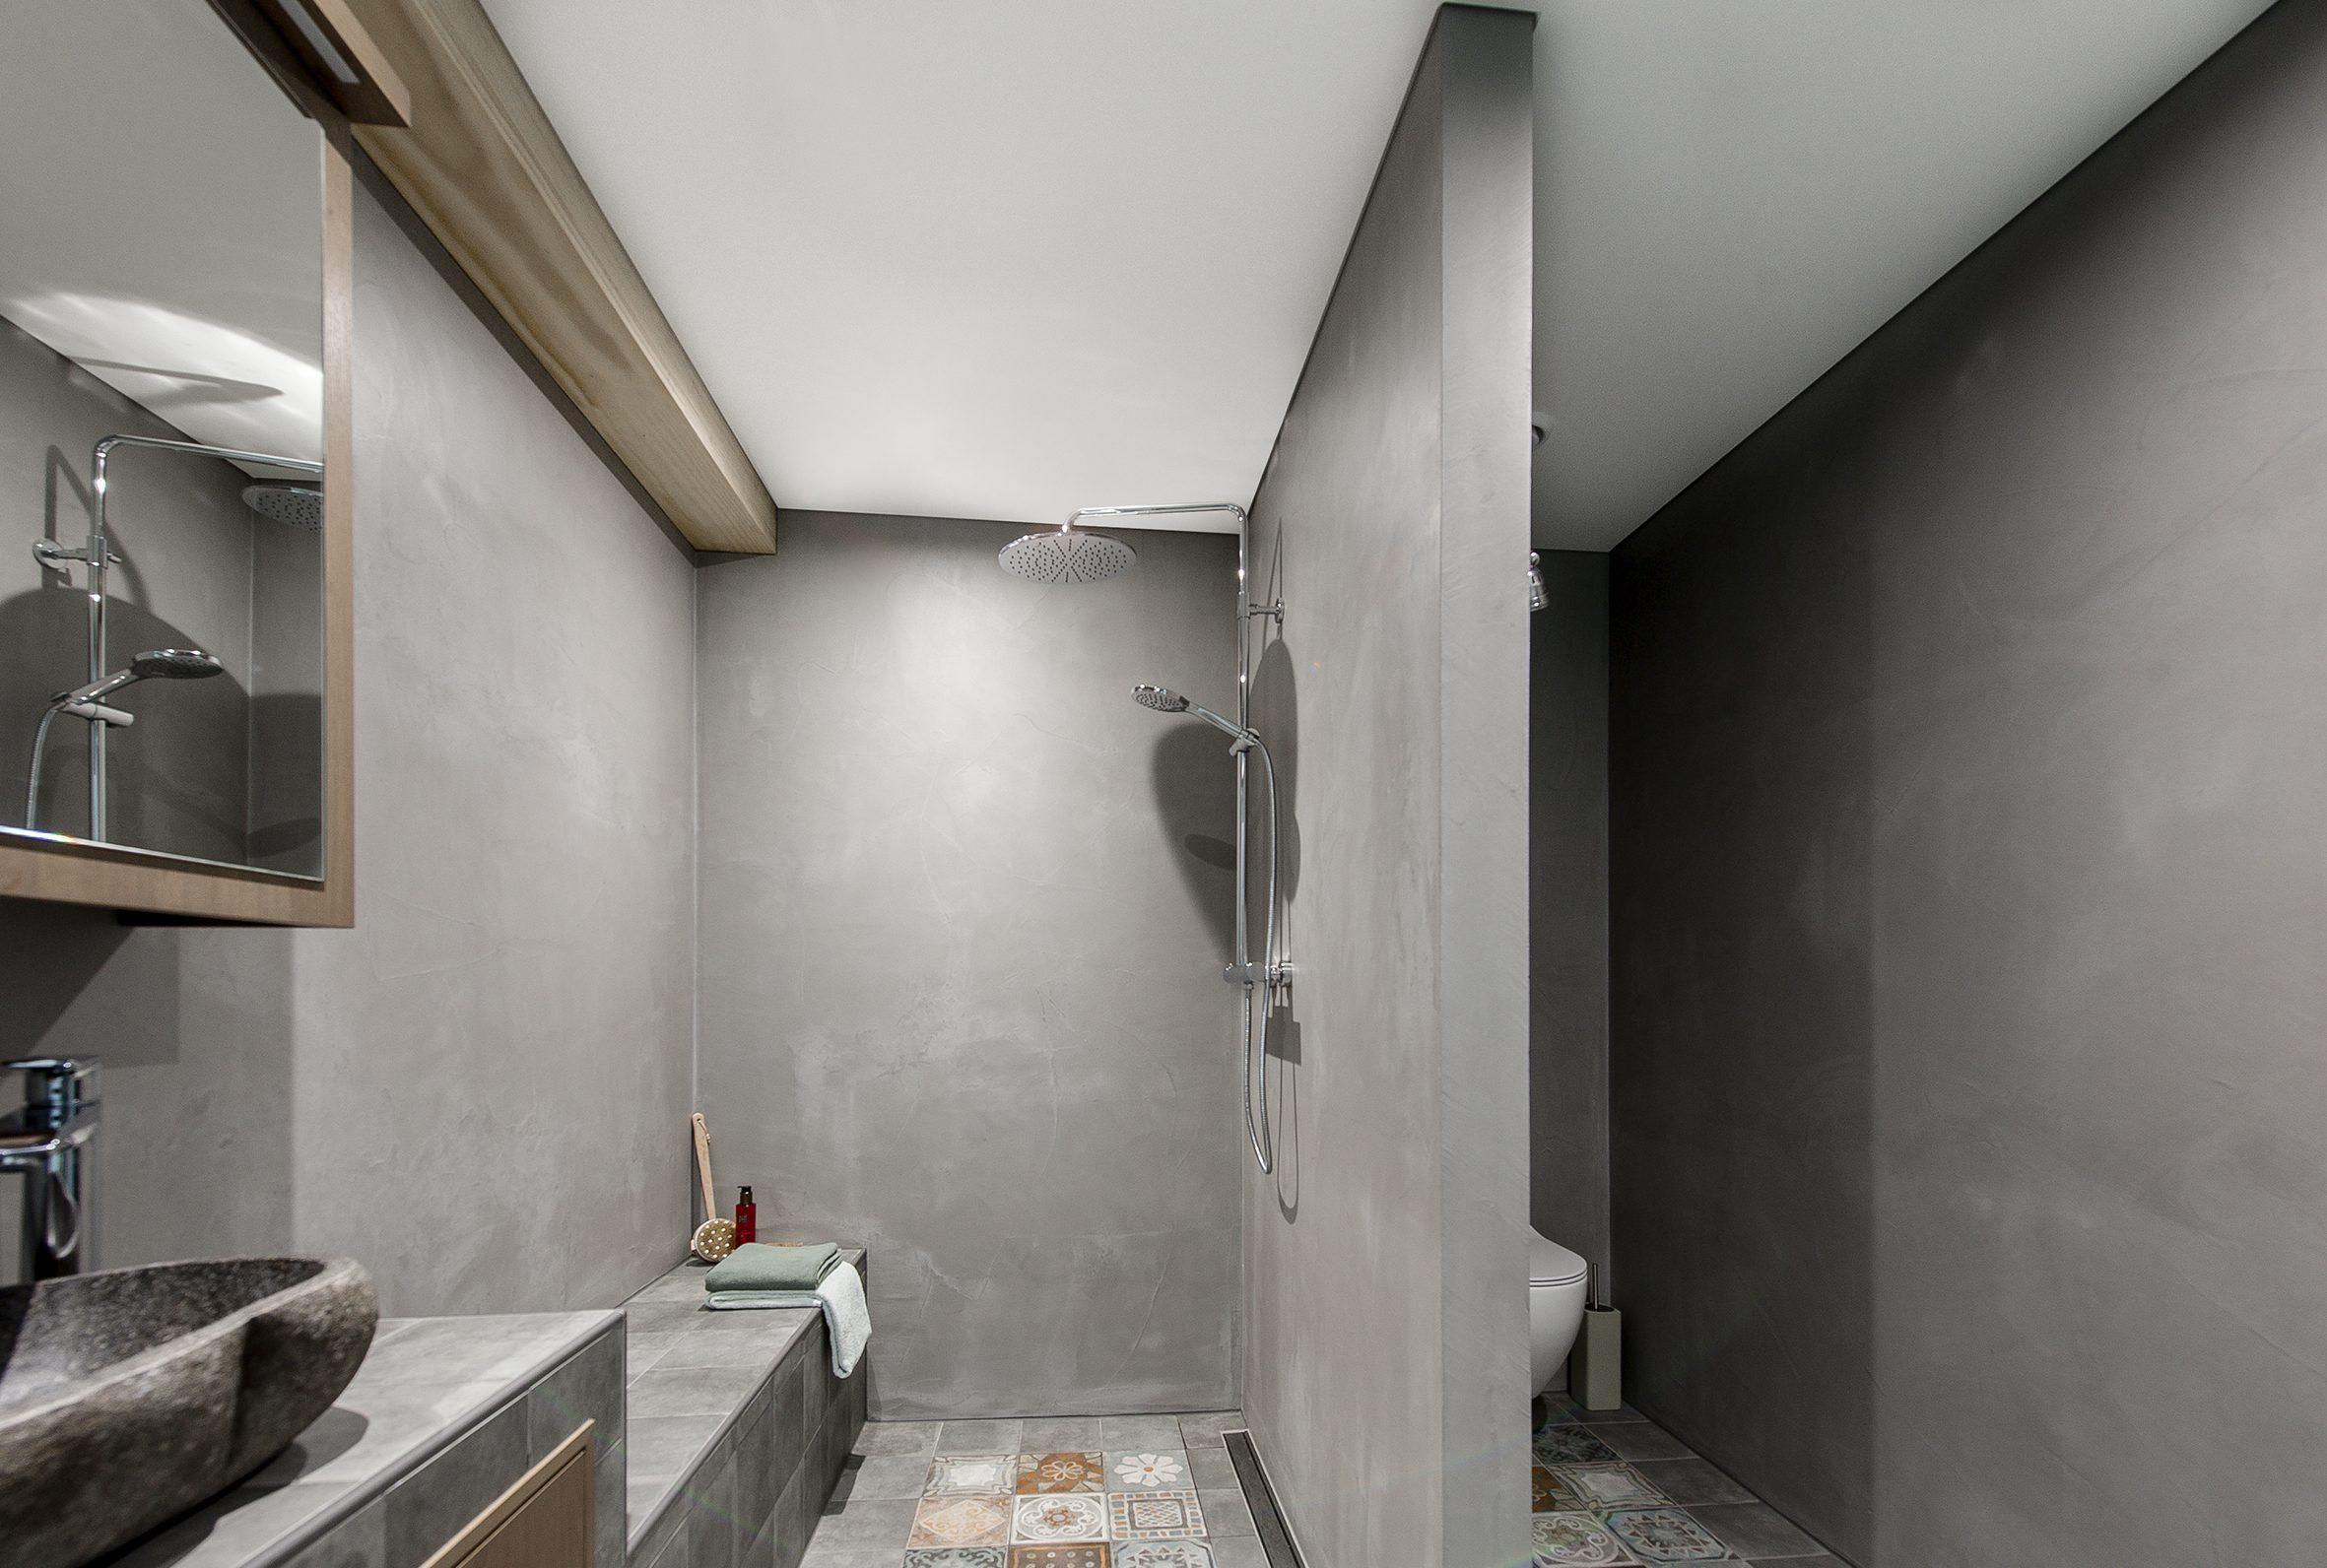 Spanplafond in een badkamer ook dat is een van de voordelen van een spanplafond